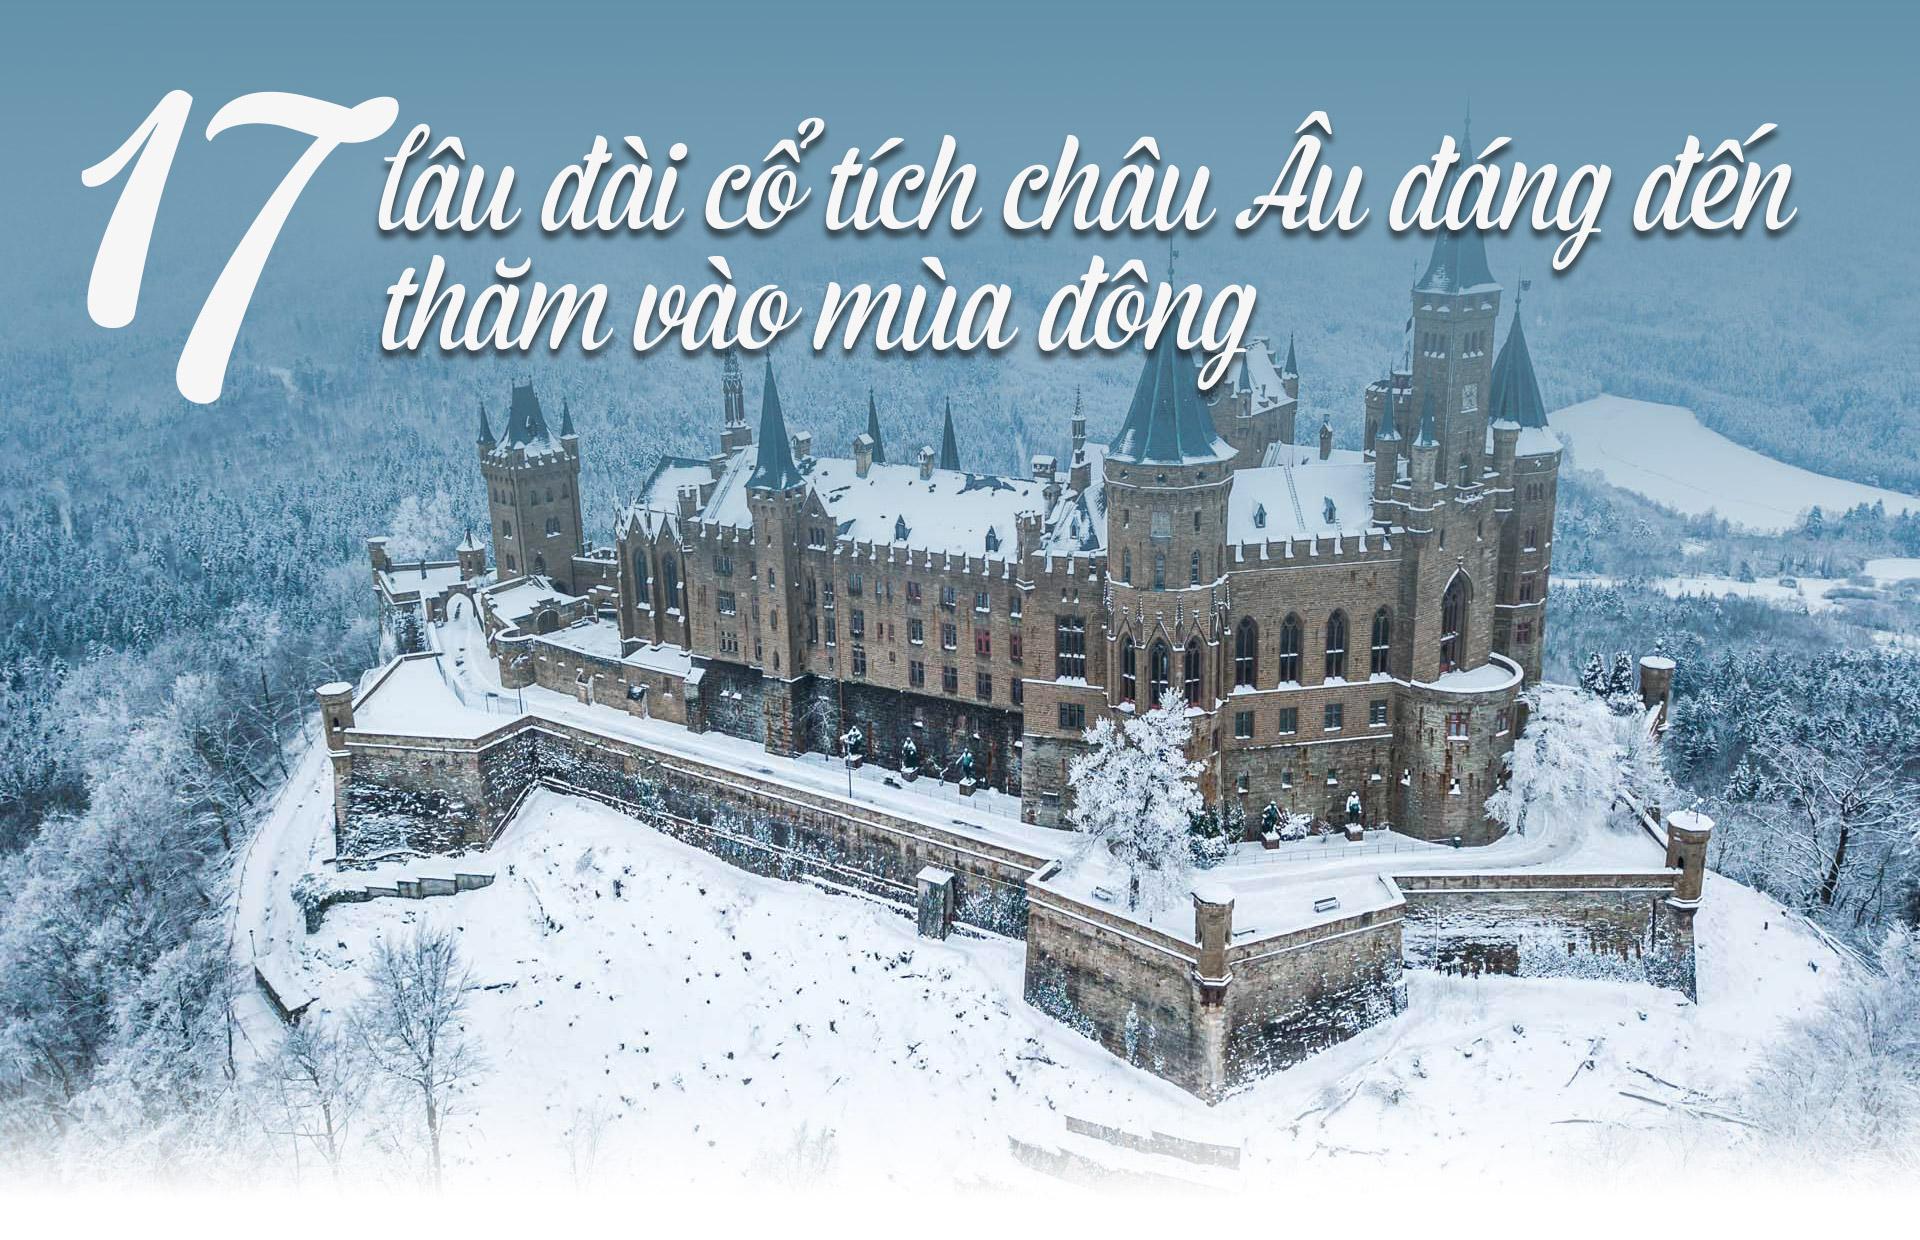 17 lâu đài cổ tích châu Âu đáng đến thăm vào mùa đông - 1